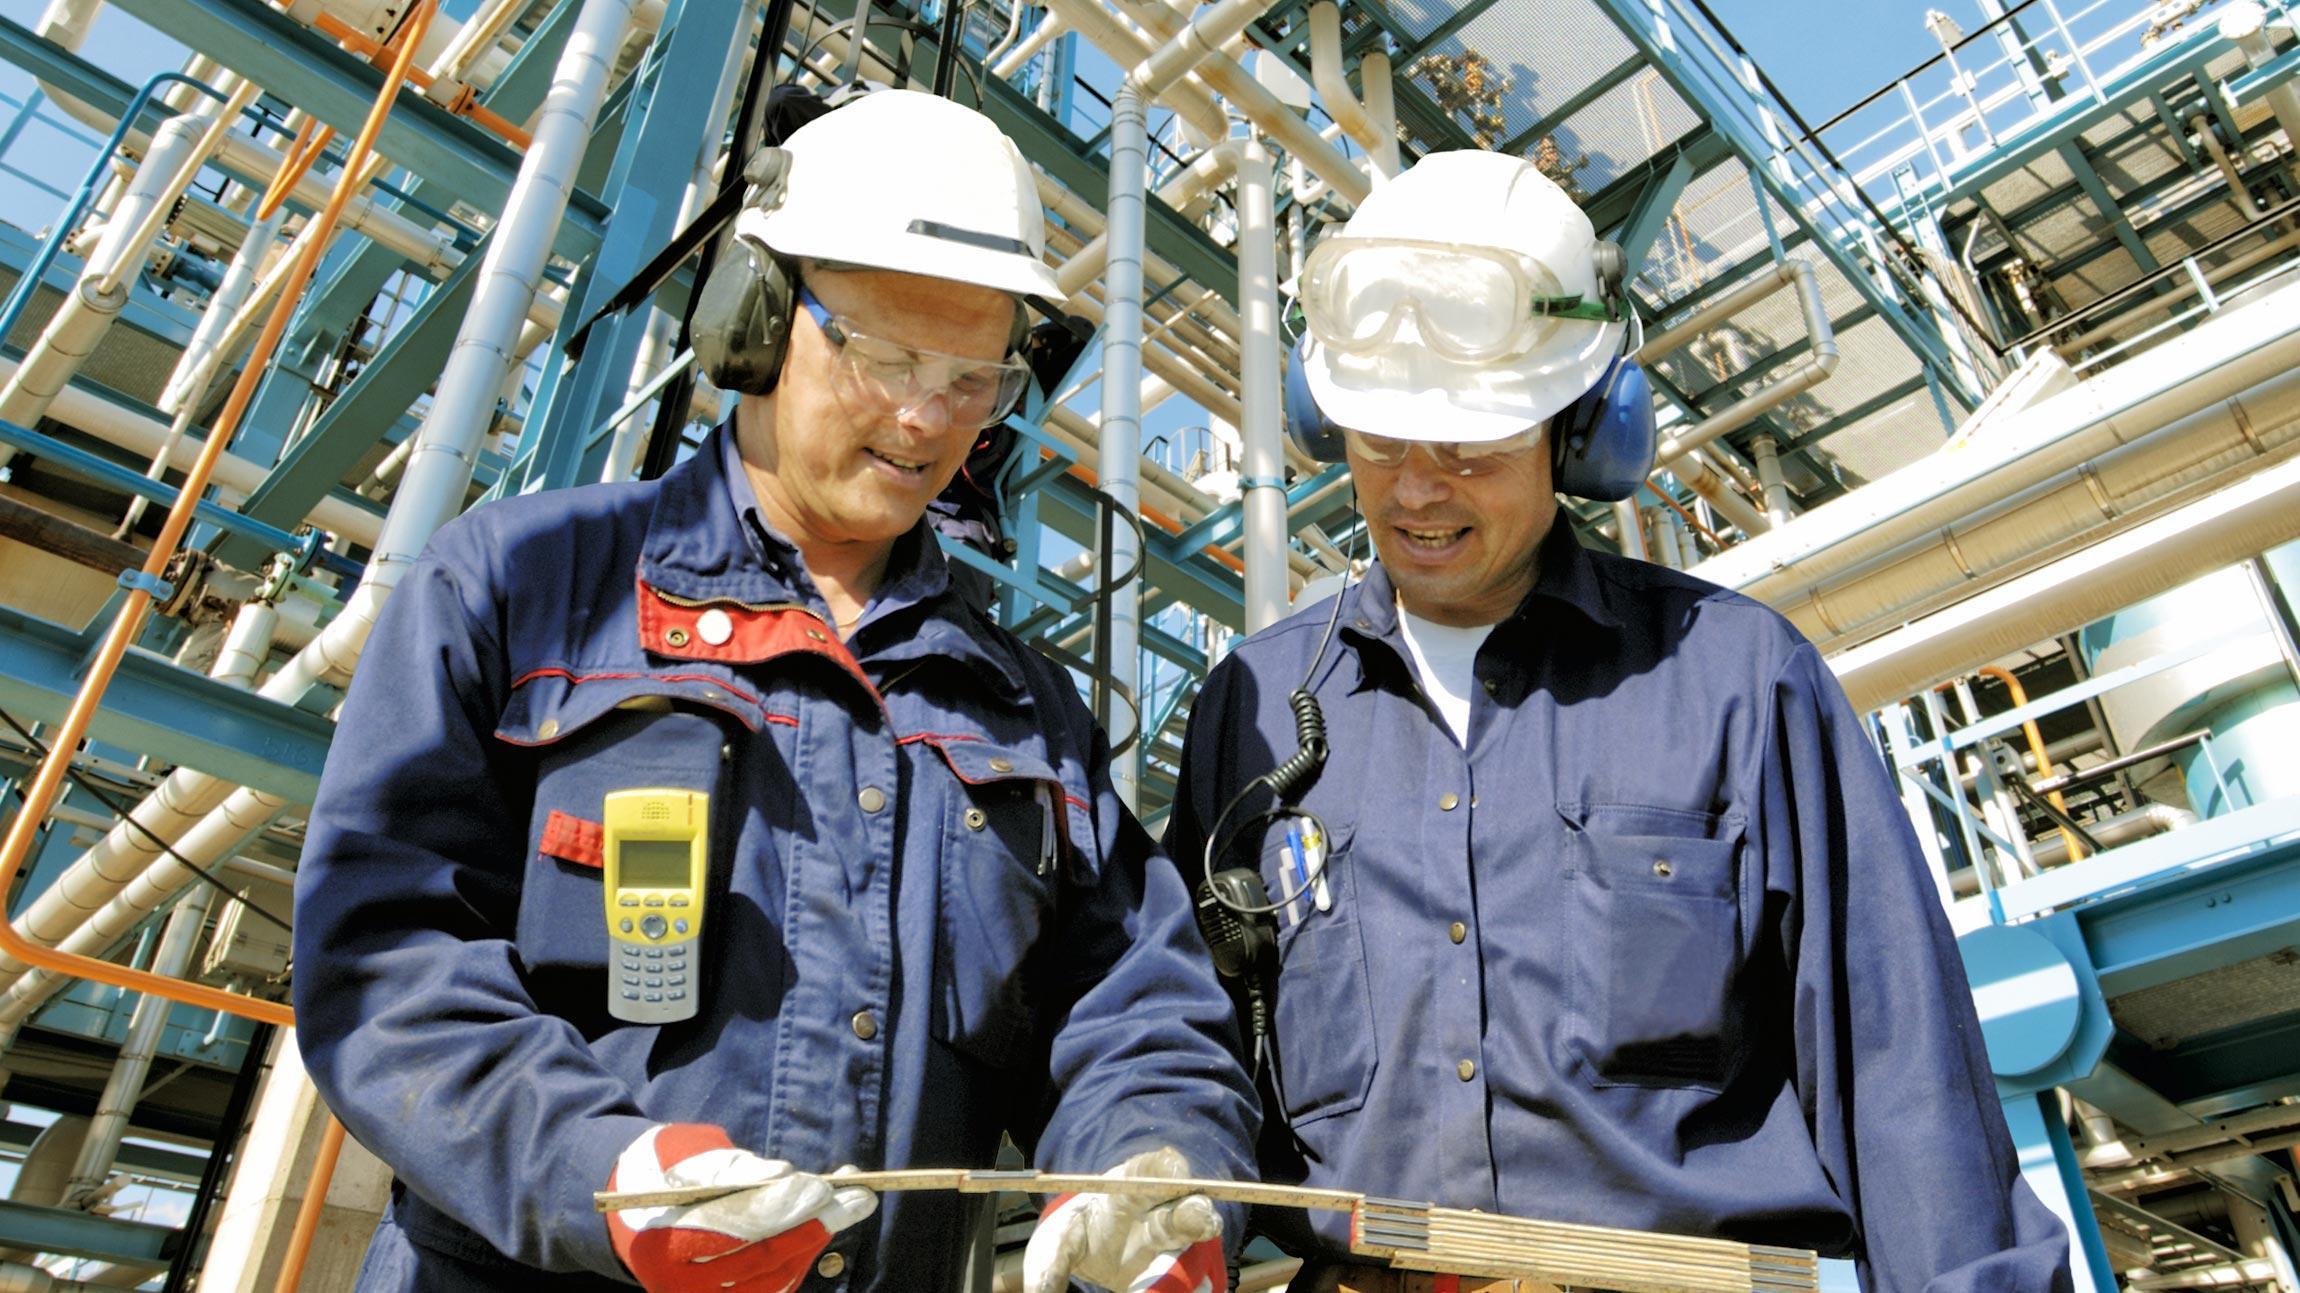 Enersensen toimialat energiateollisuus, rakennusteollisuus, elektroniikkateollisuus ja sähköteollisuus